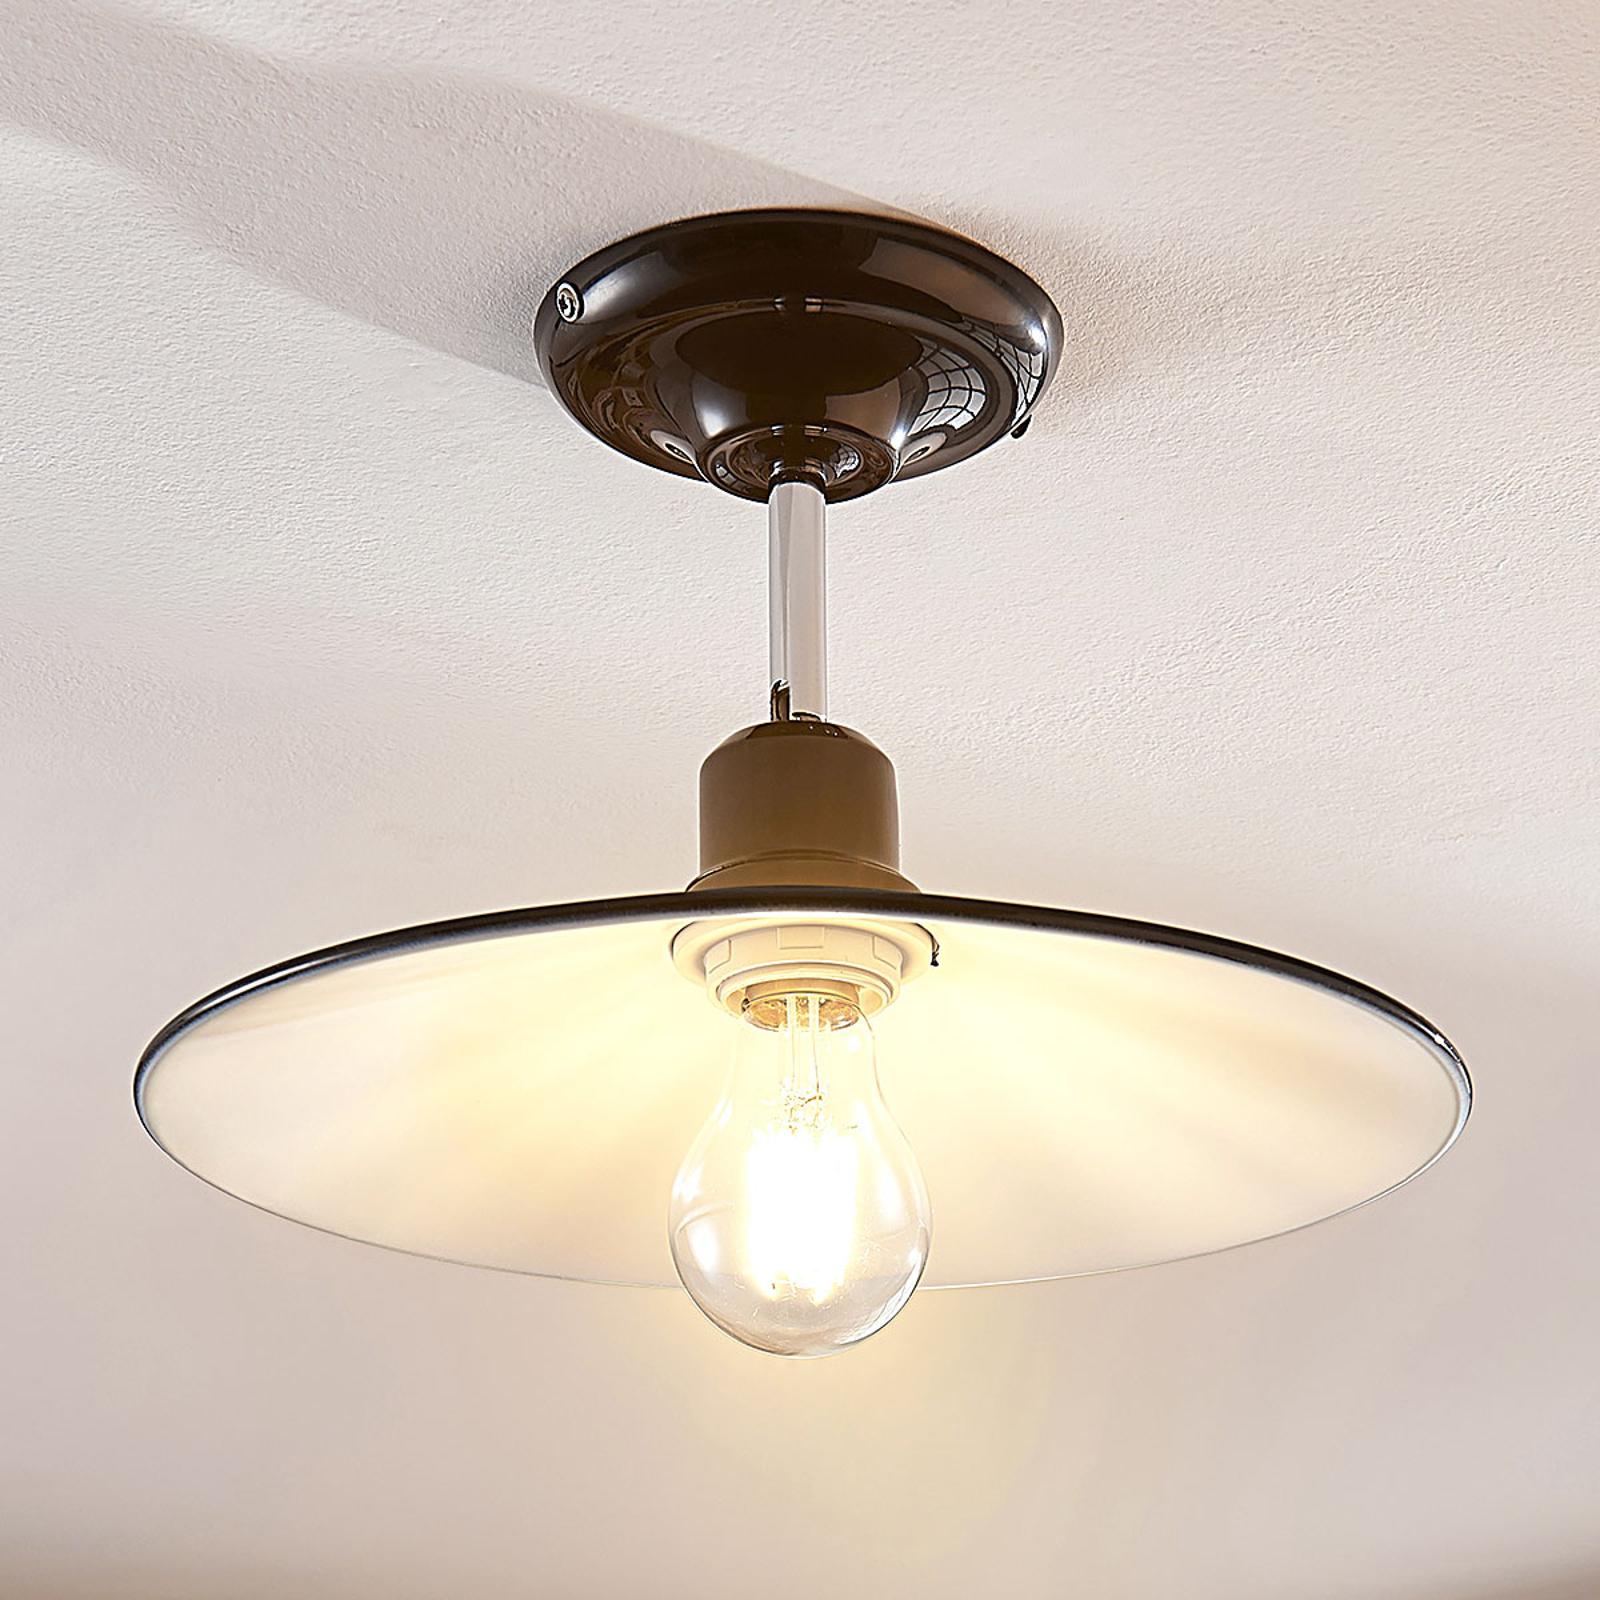 Černé kovové stropní světlo Phinea, vintage vzhled